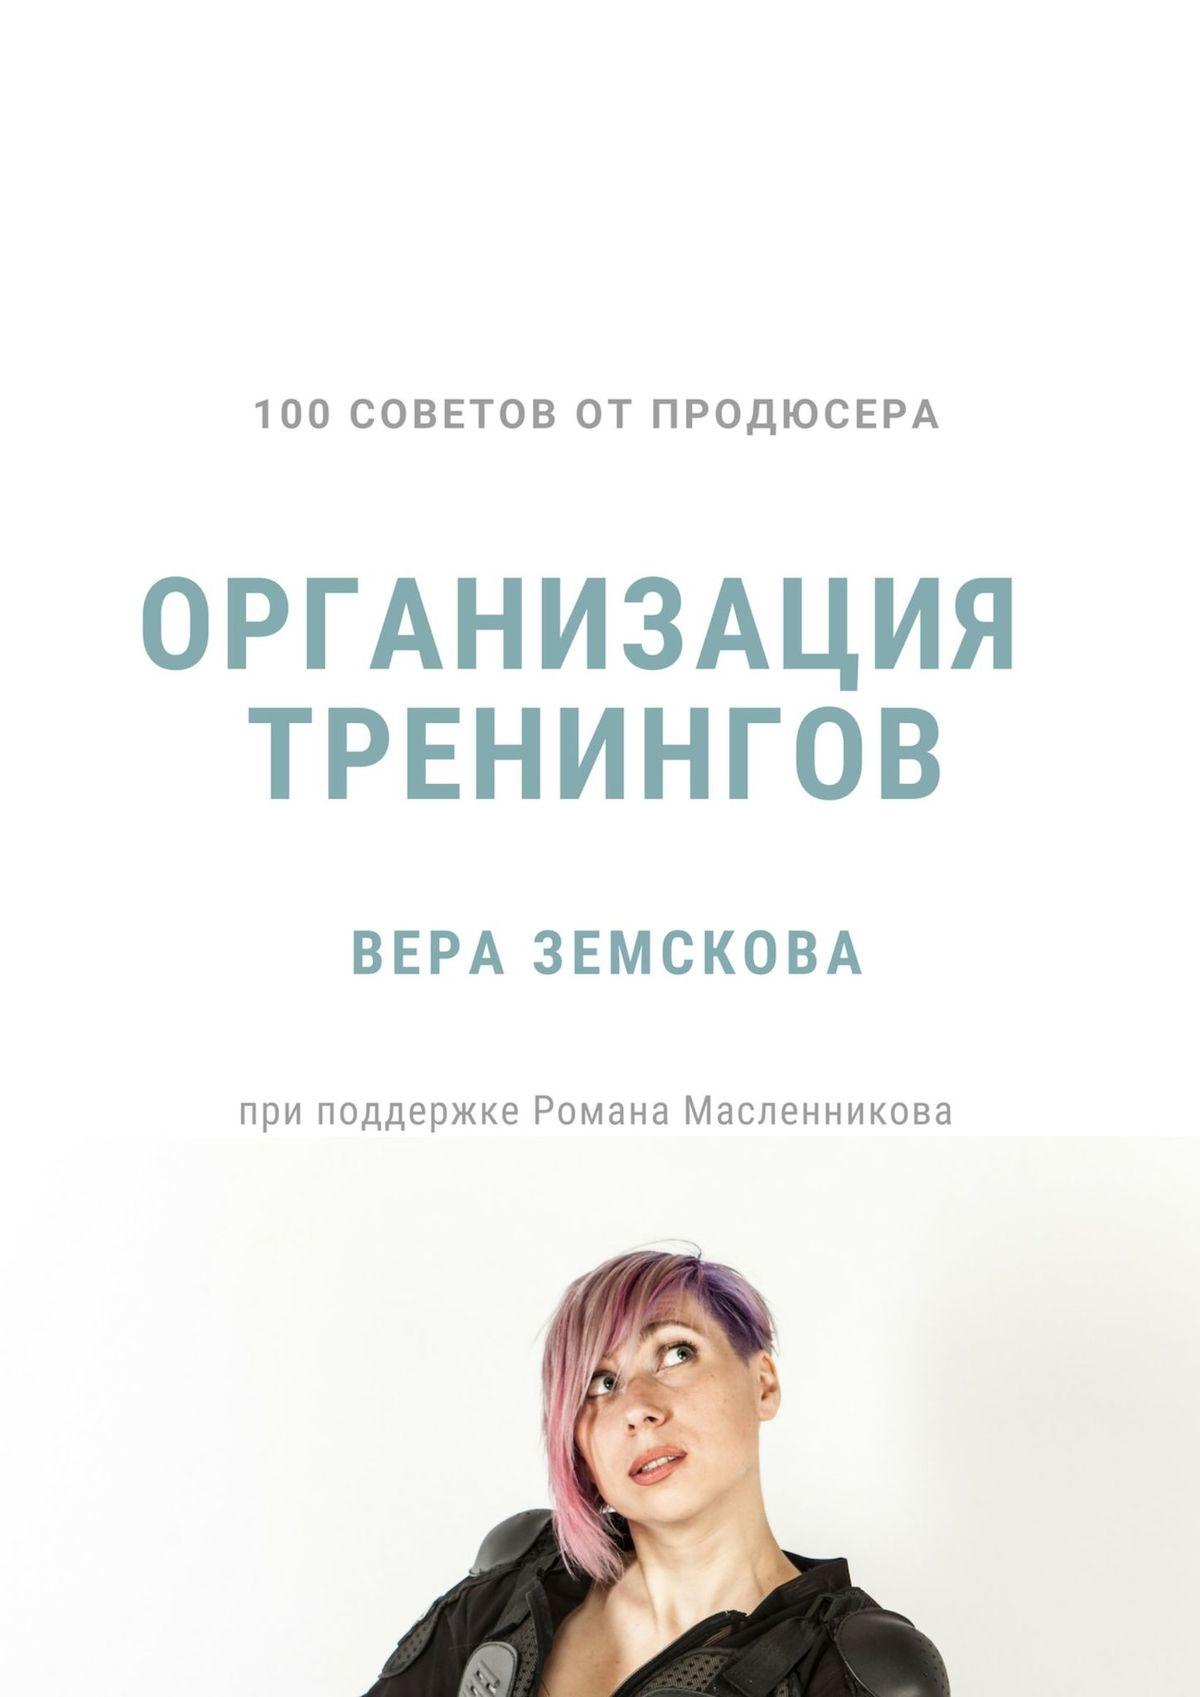 Купить книгу 100 советов от продюсера. Организация тренингов, автора Веры Земсковой